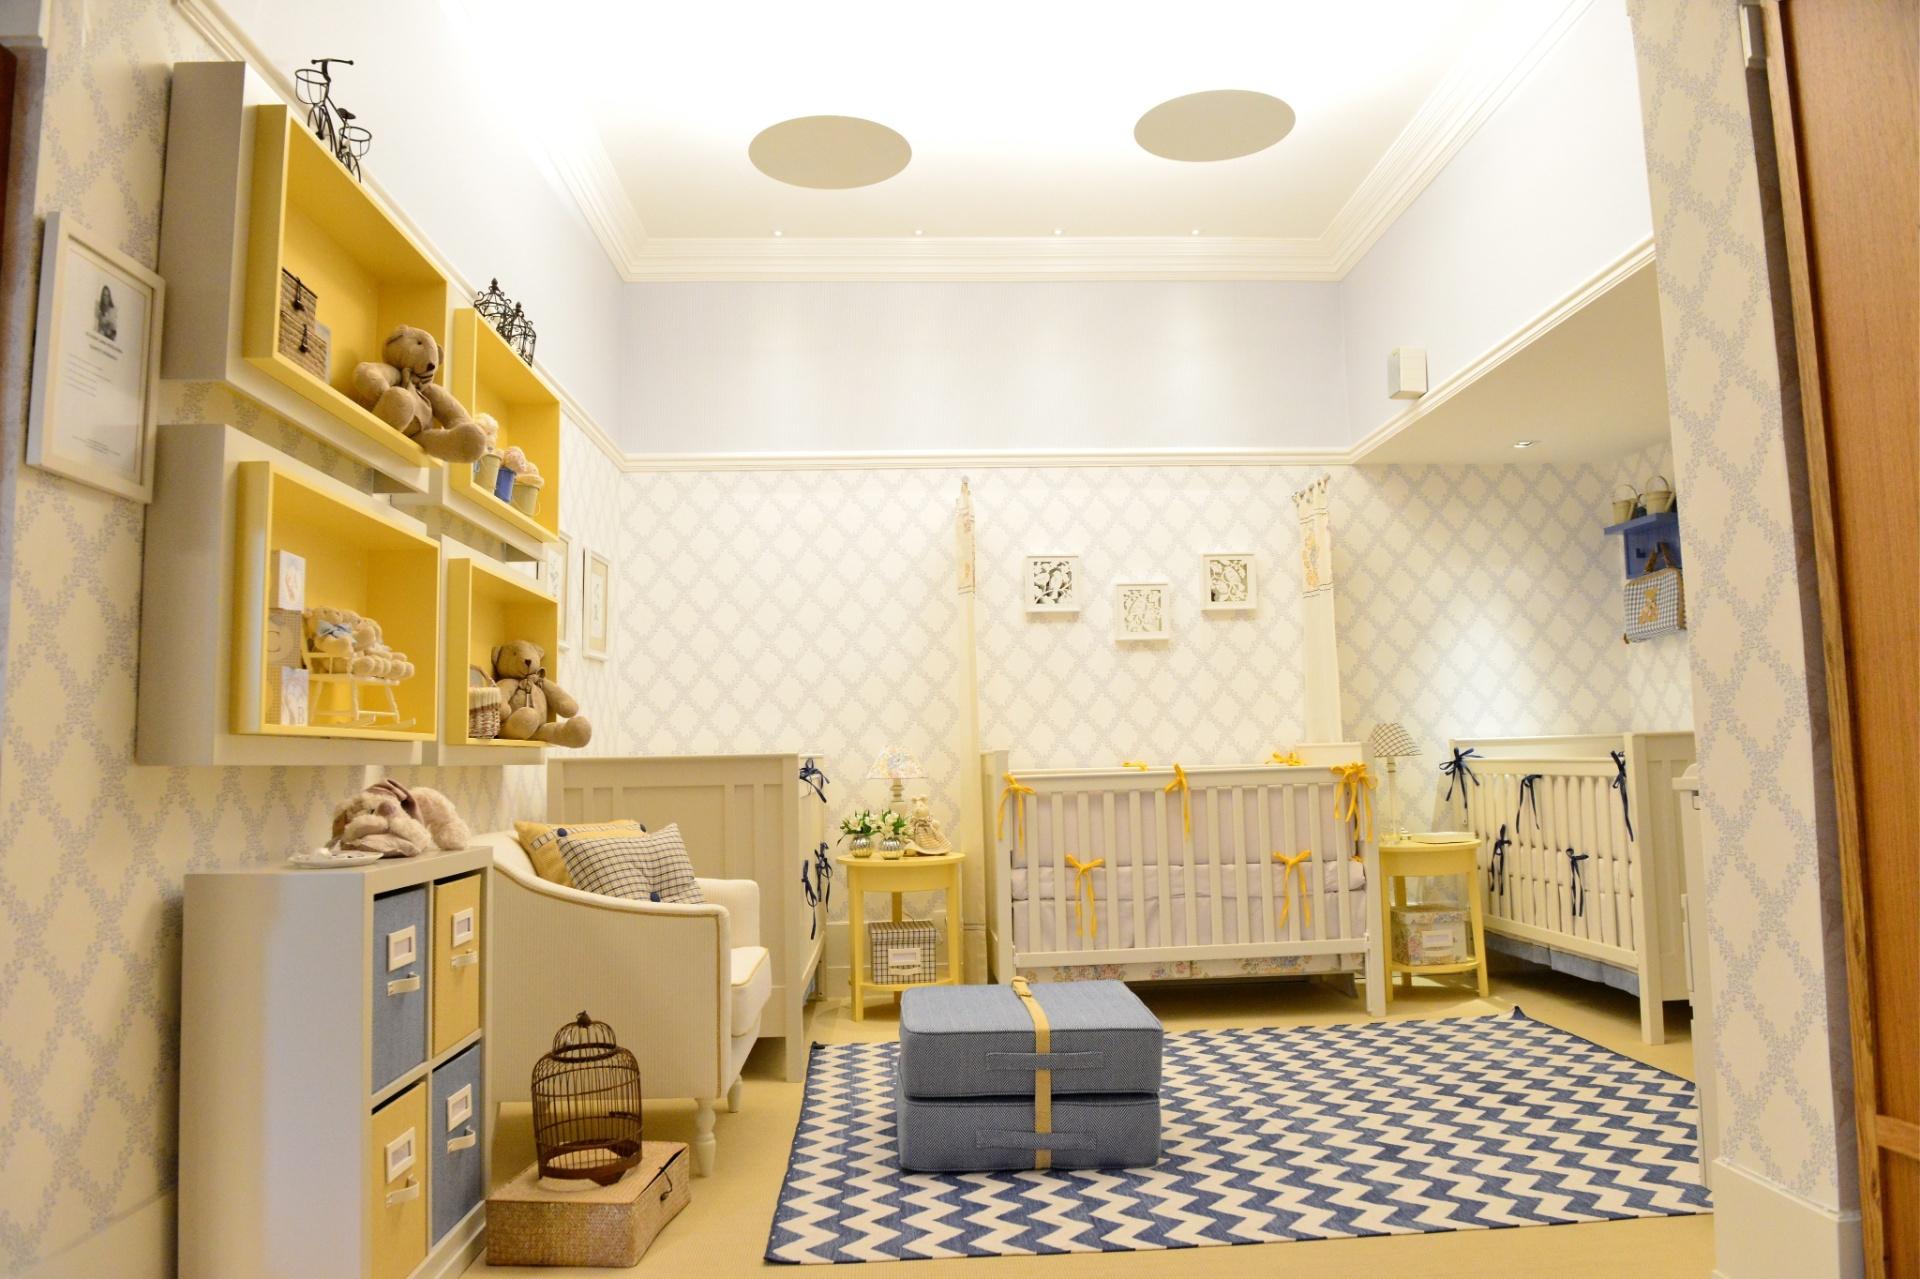 Para este quarto de trigêmeos (dois meninos e uma menina) com 16 m², a arquiteta Silvana Lara Nogueira partiu de um conceito simétrico, deixando os berços dos meninos encostados às paredes laterais e o da menina no centro. O